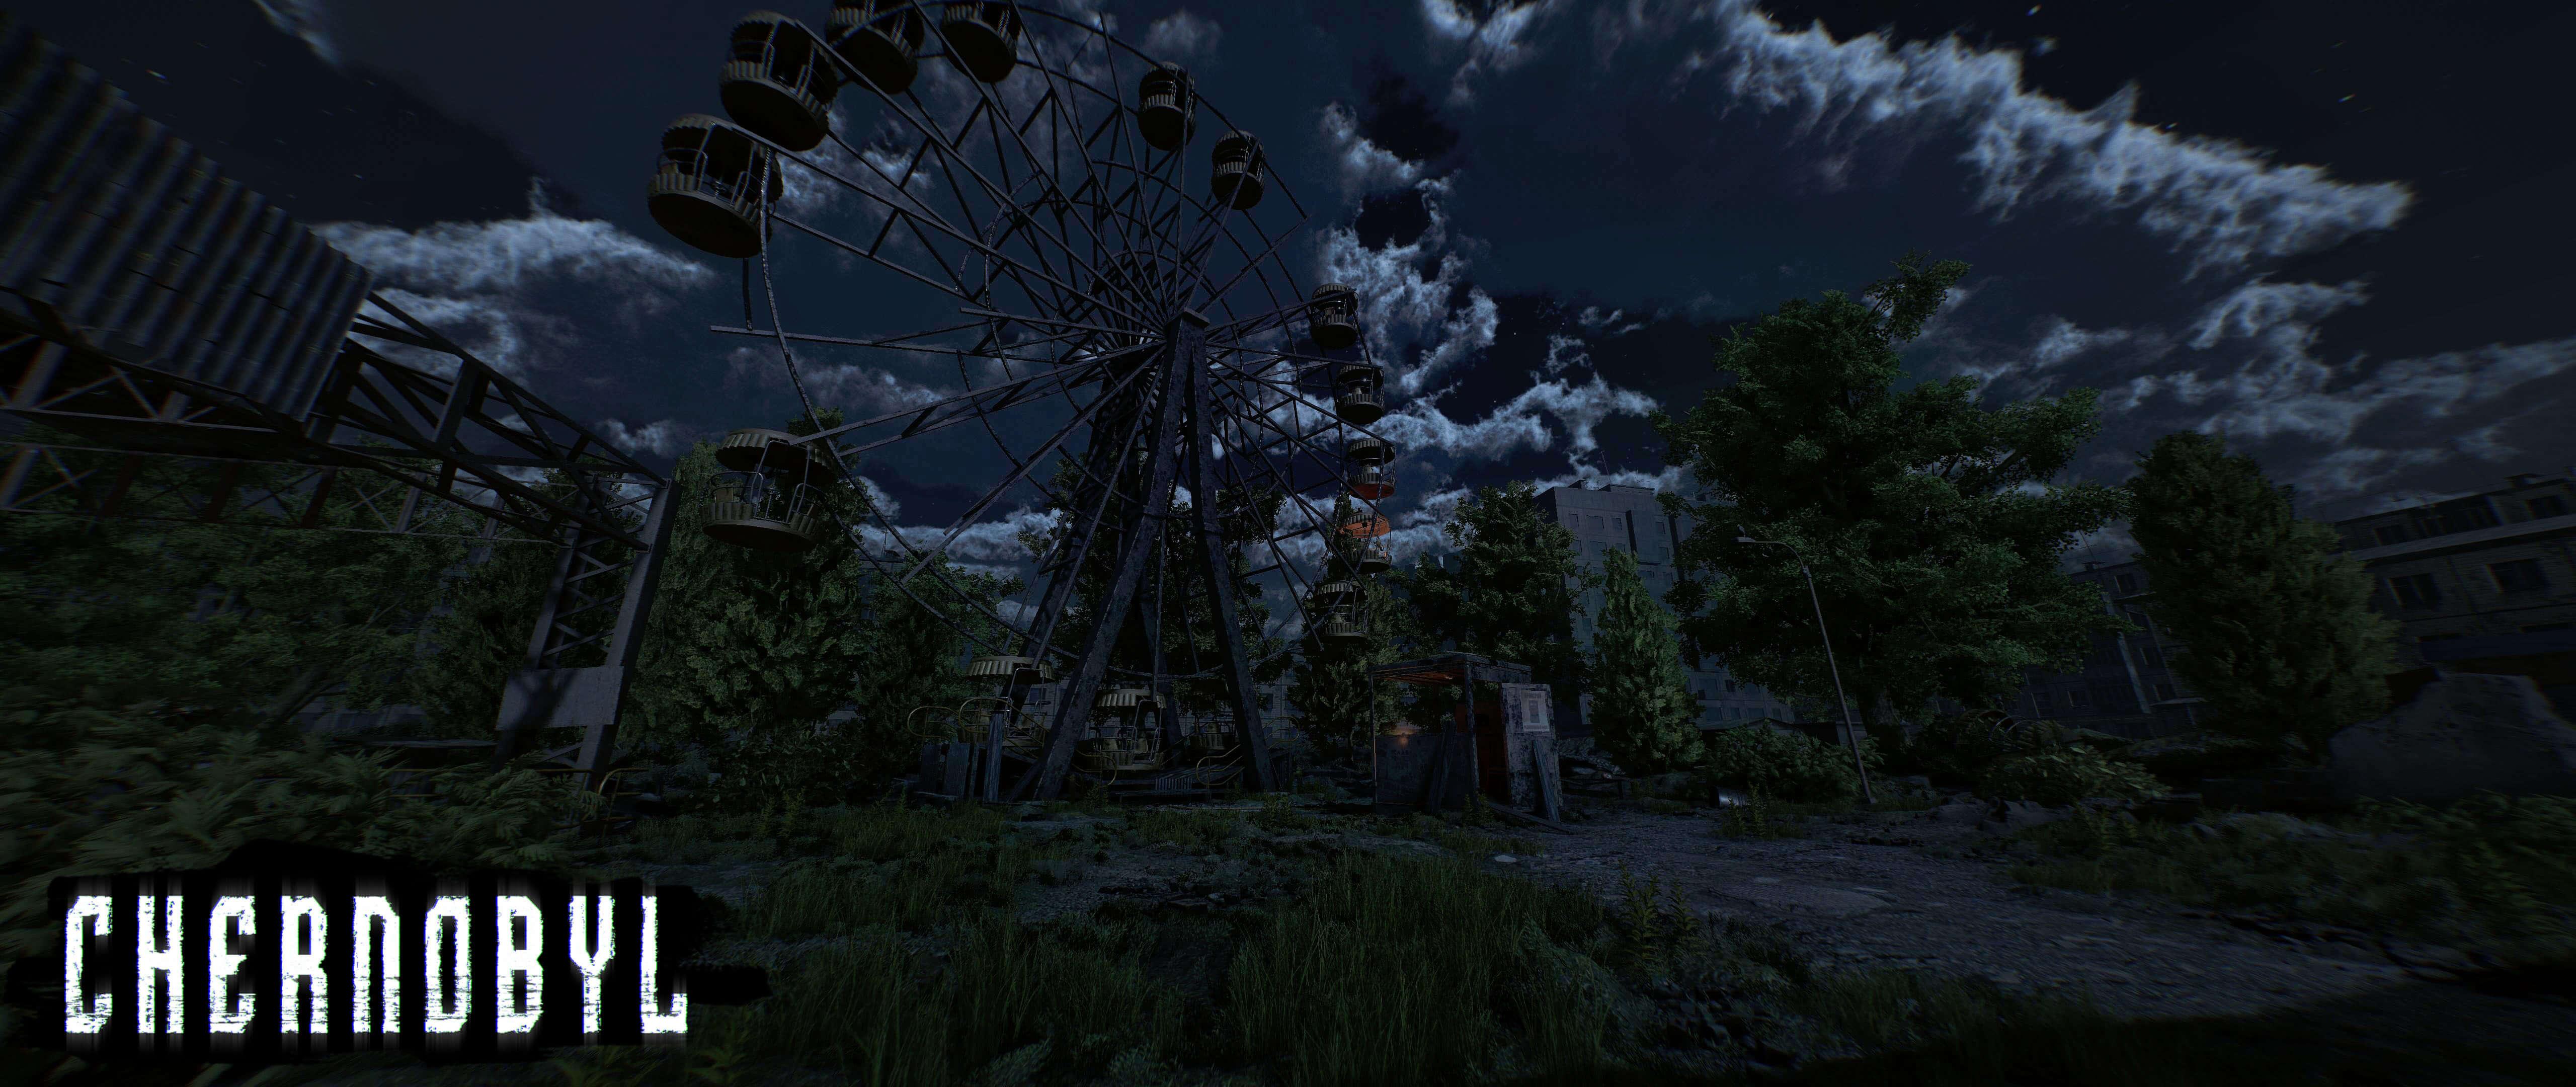 chrnobyl 11.jpg